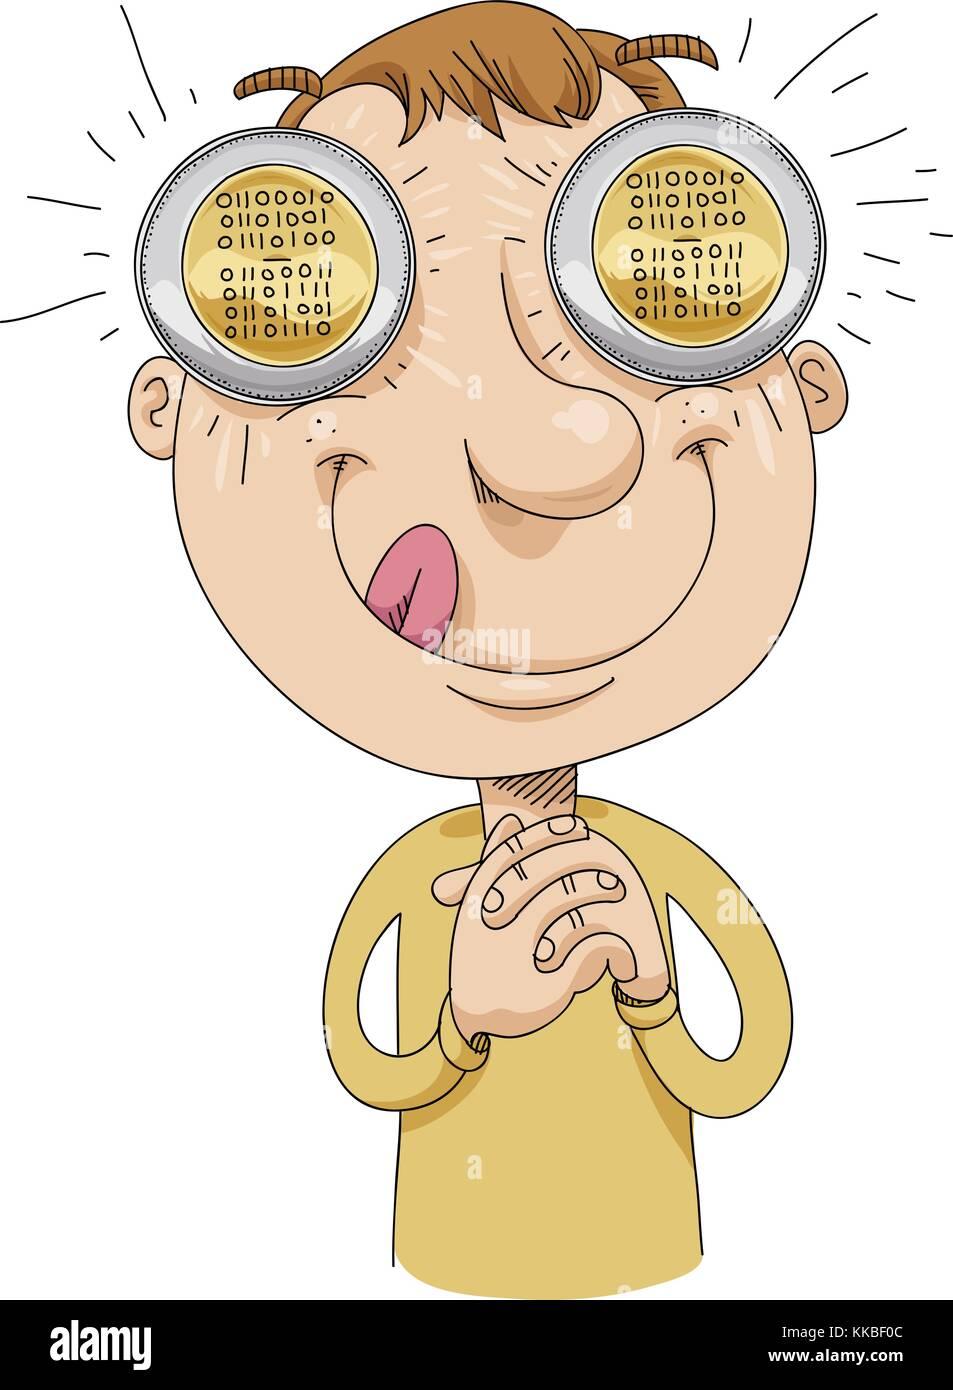 Ein Gieriger Cartoon Mann Mit Bitcoins In Seinen Augen Denkt über